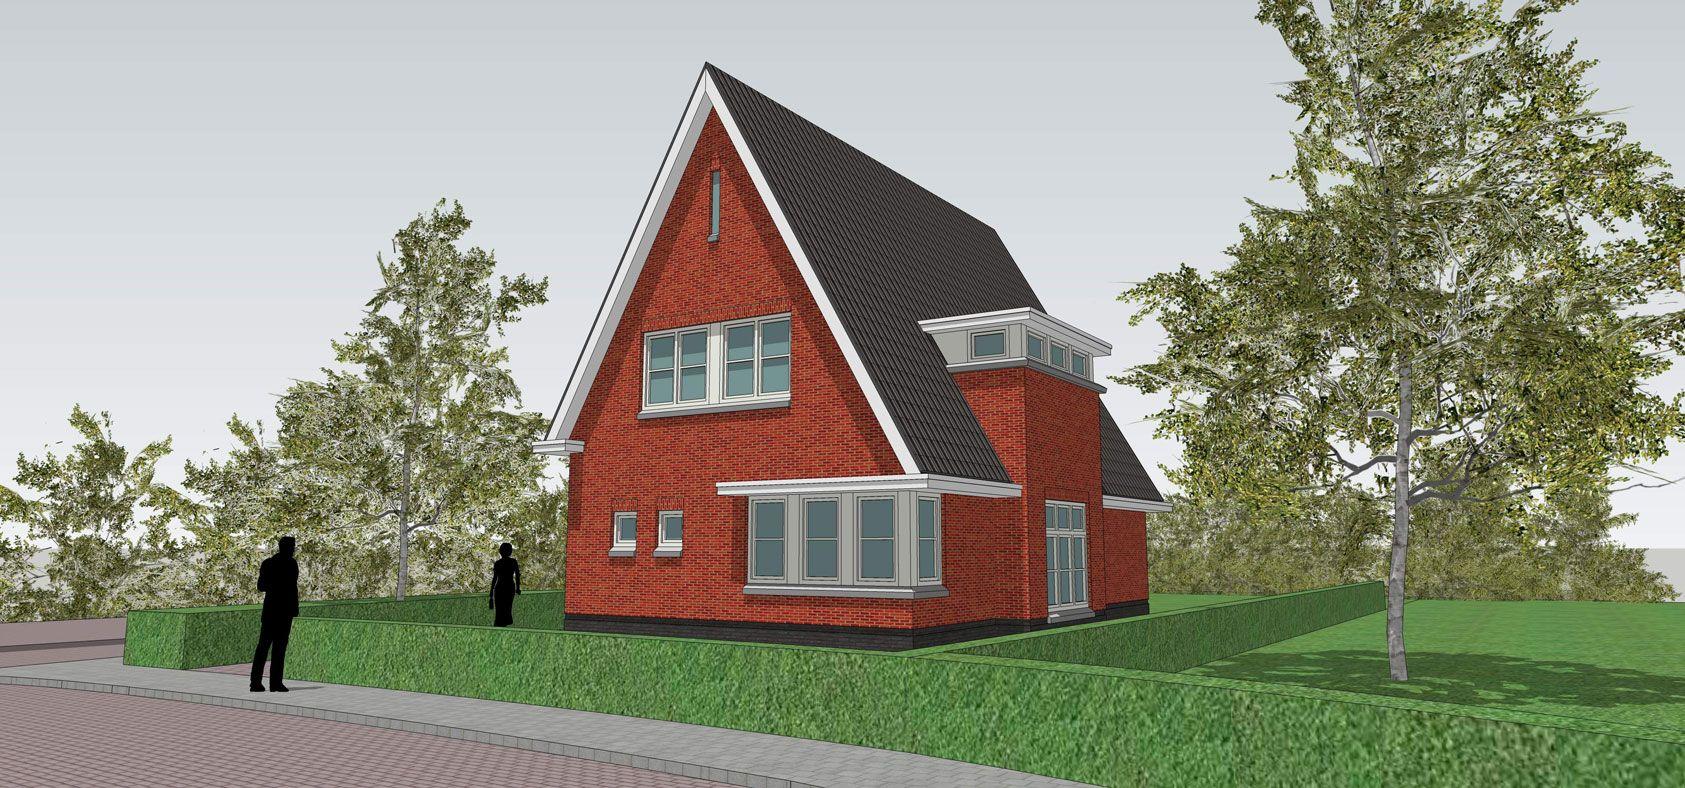 Dertiger jaren villa met hoekkozijnen en asymmetrische opzet in de ...